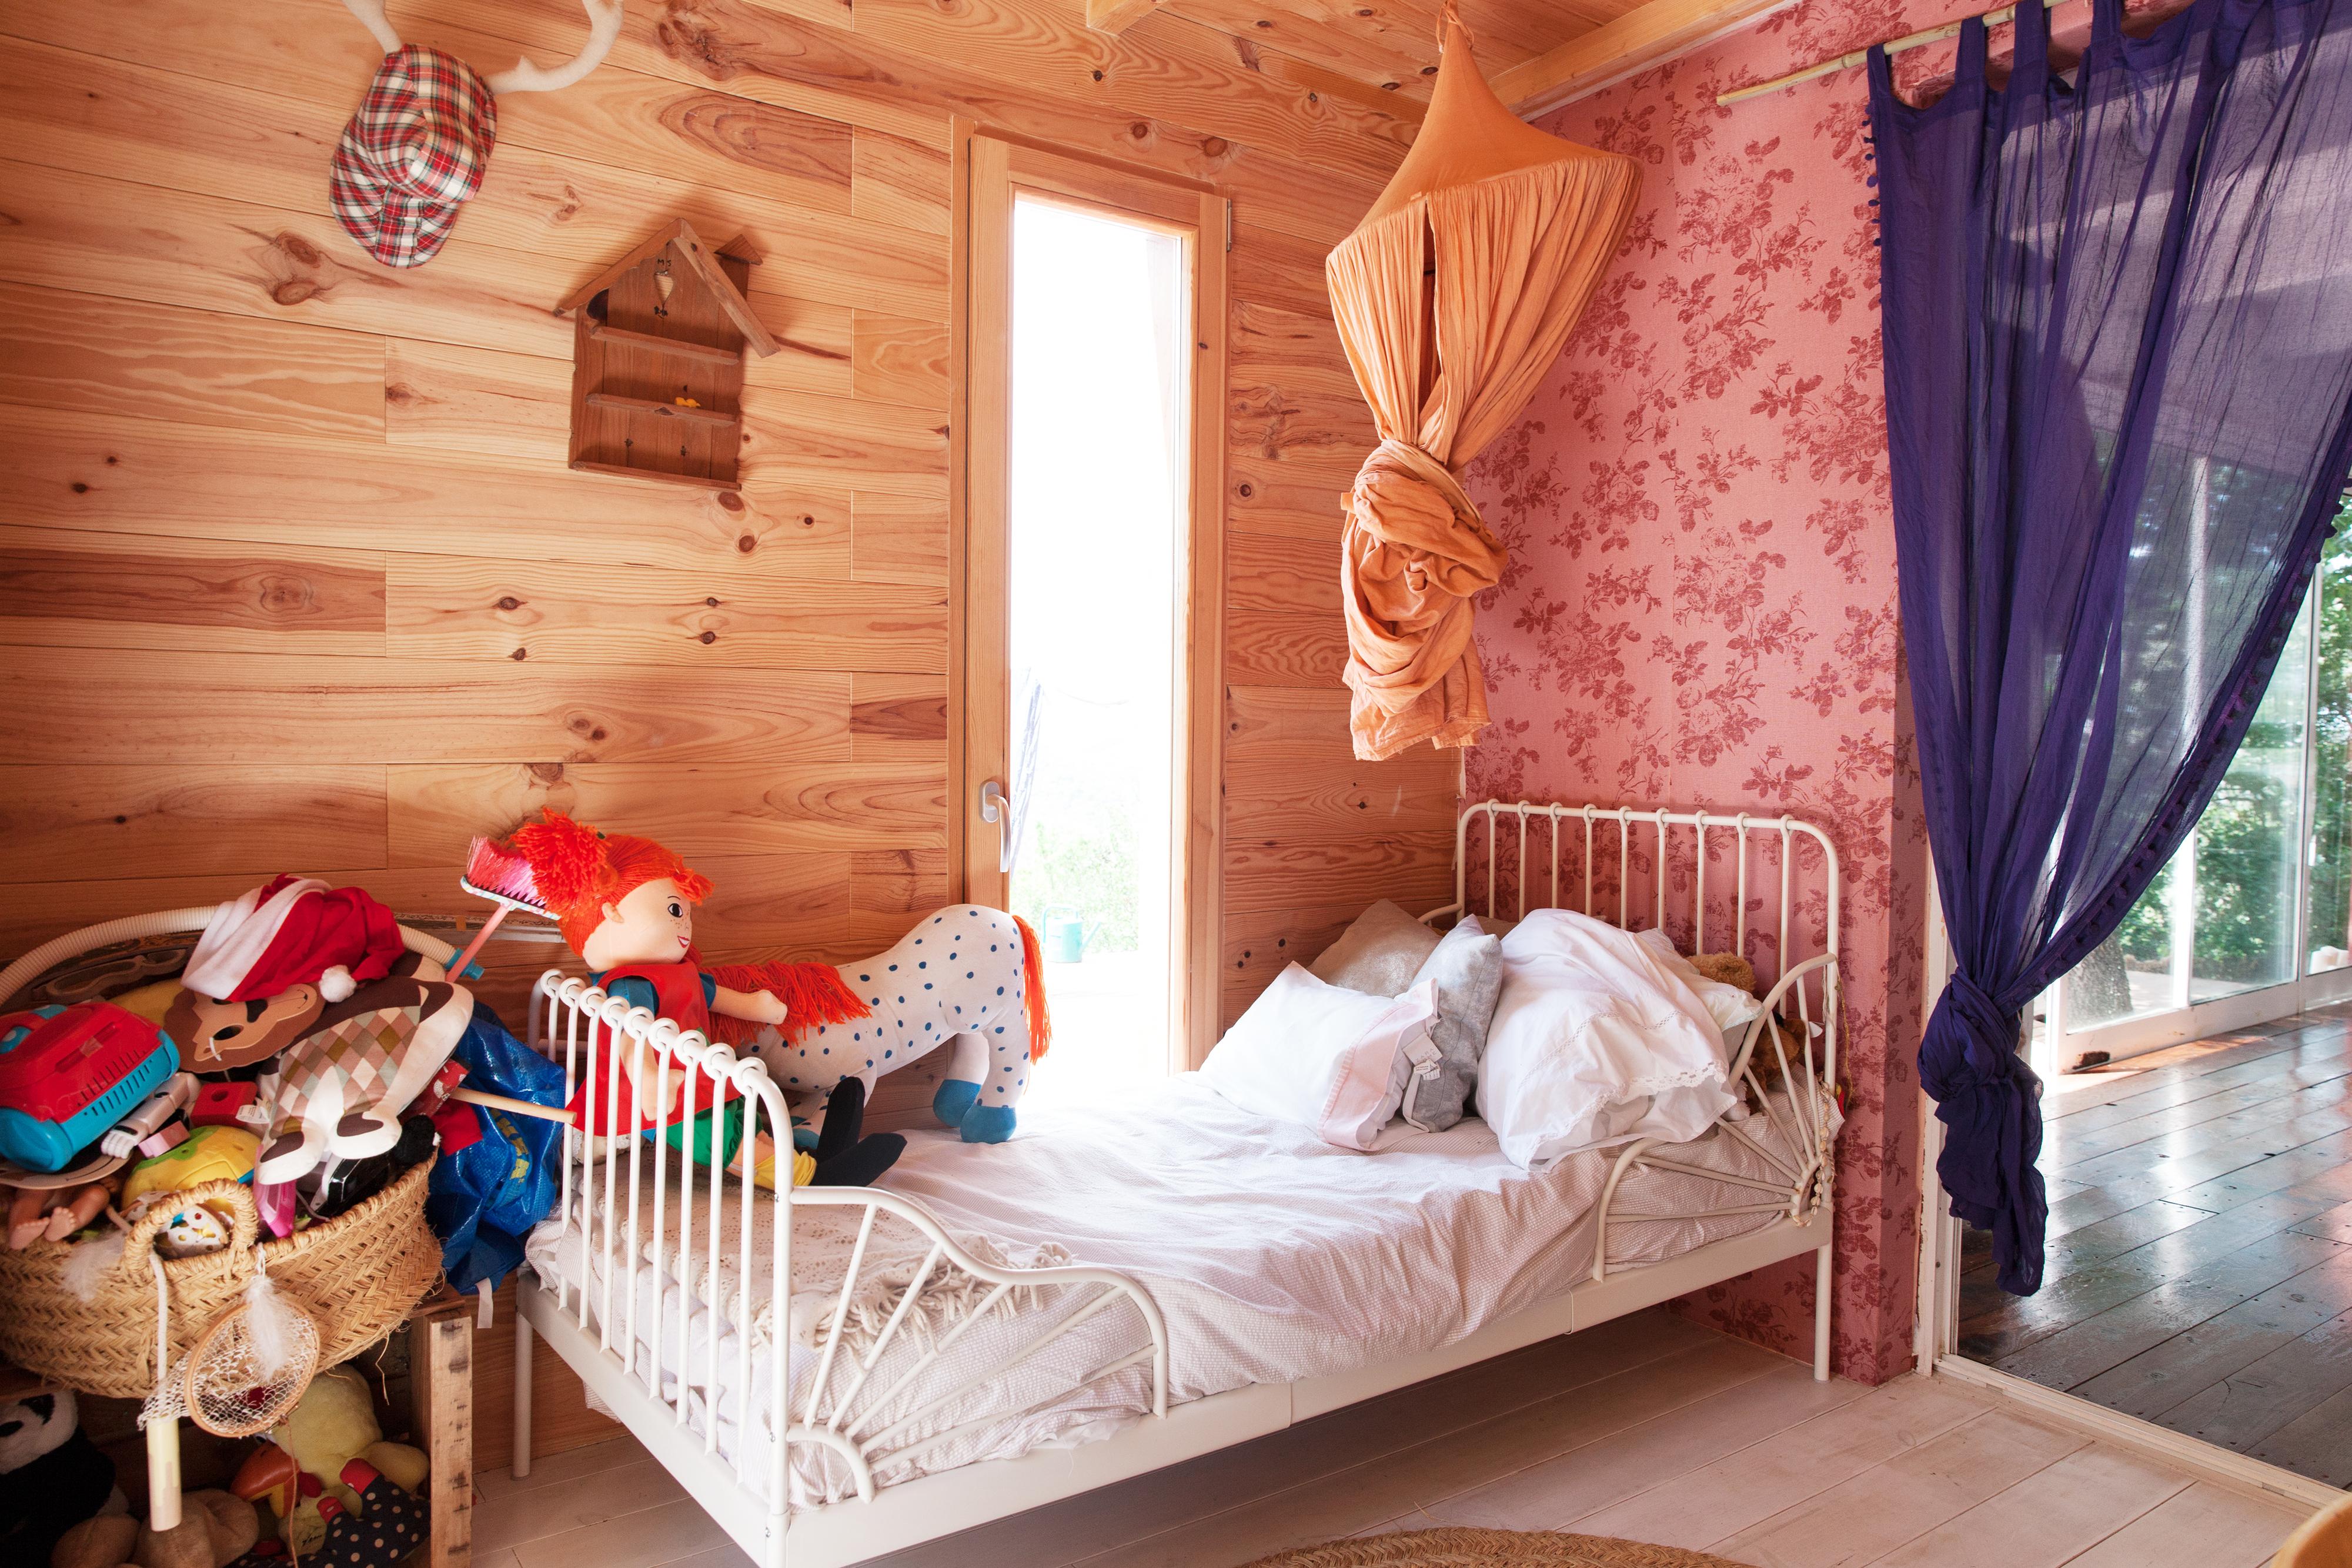 Chambre enfant – Manuela Sosa